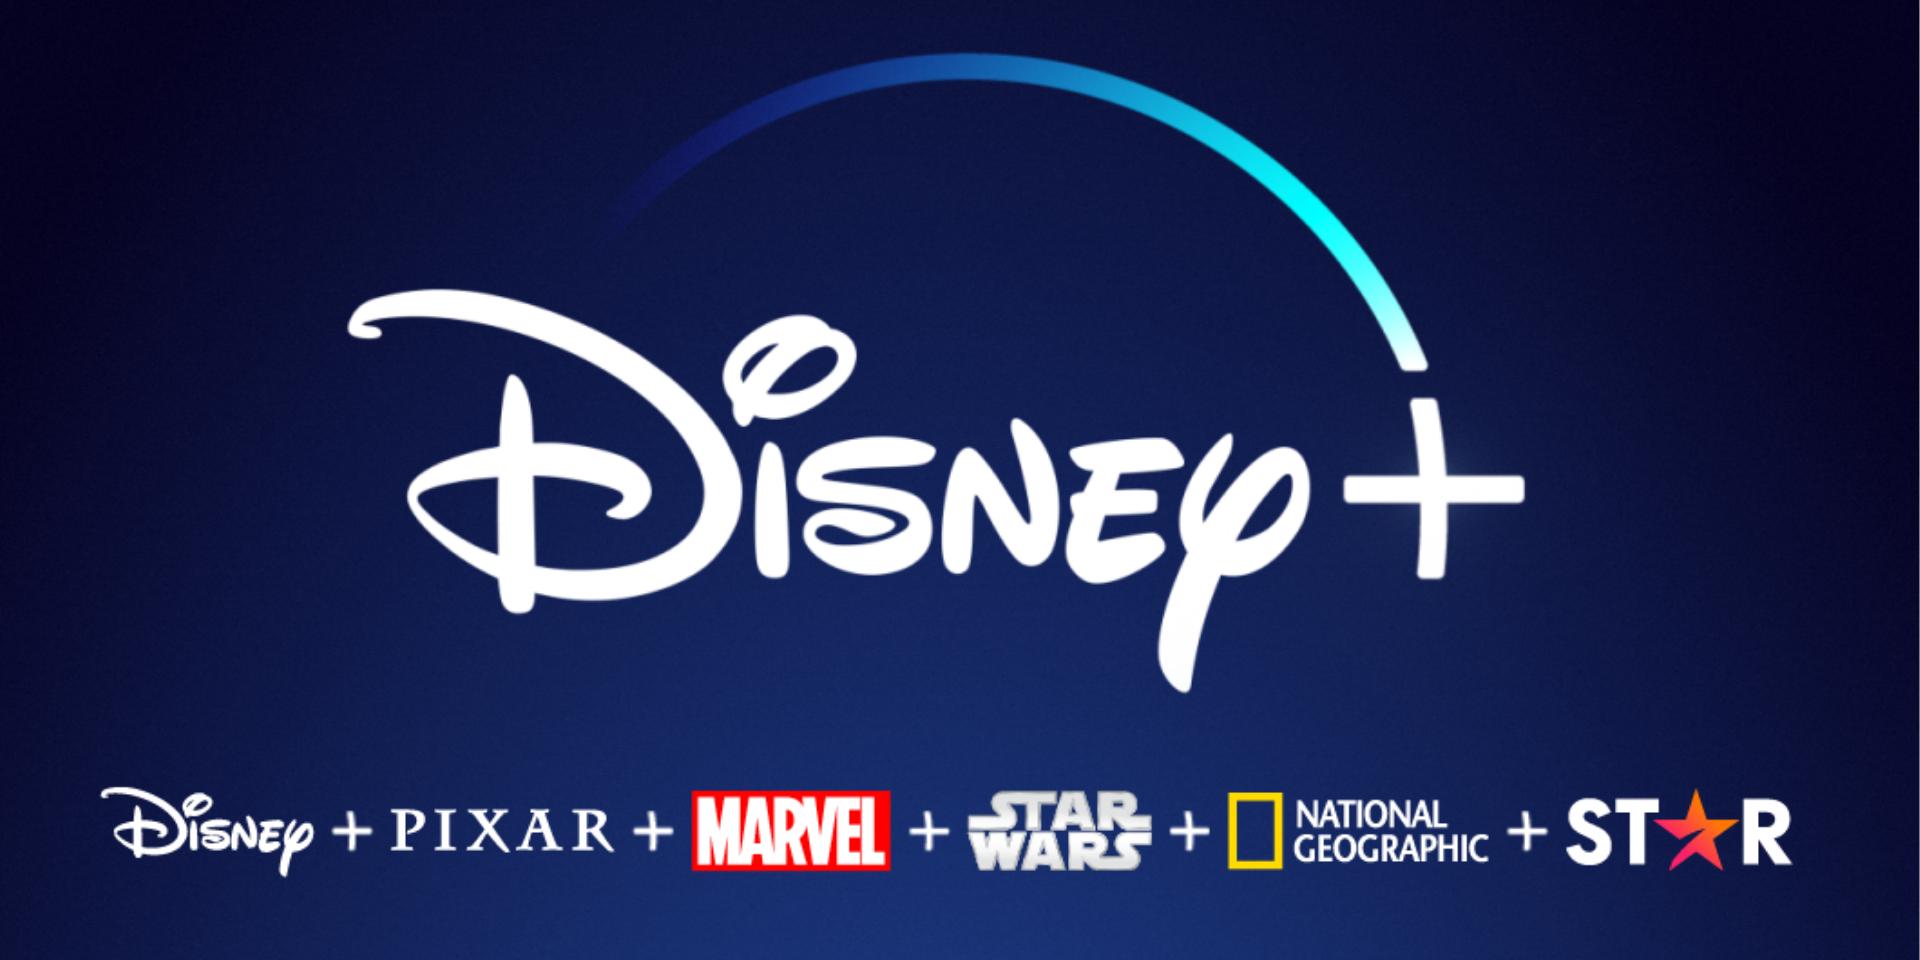 Disney+ is coming to South Korea, Hong Kong, and Taiwan this November